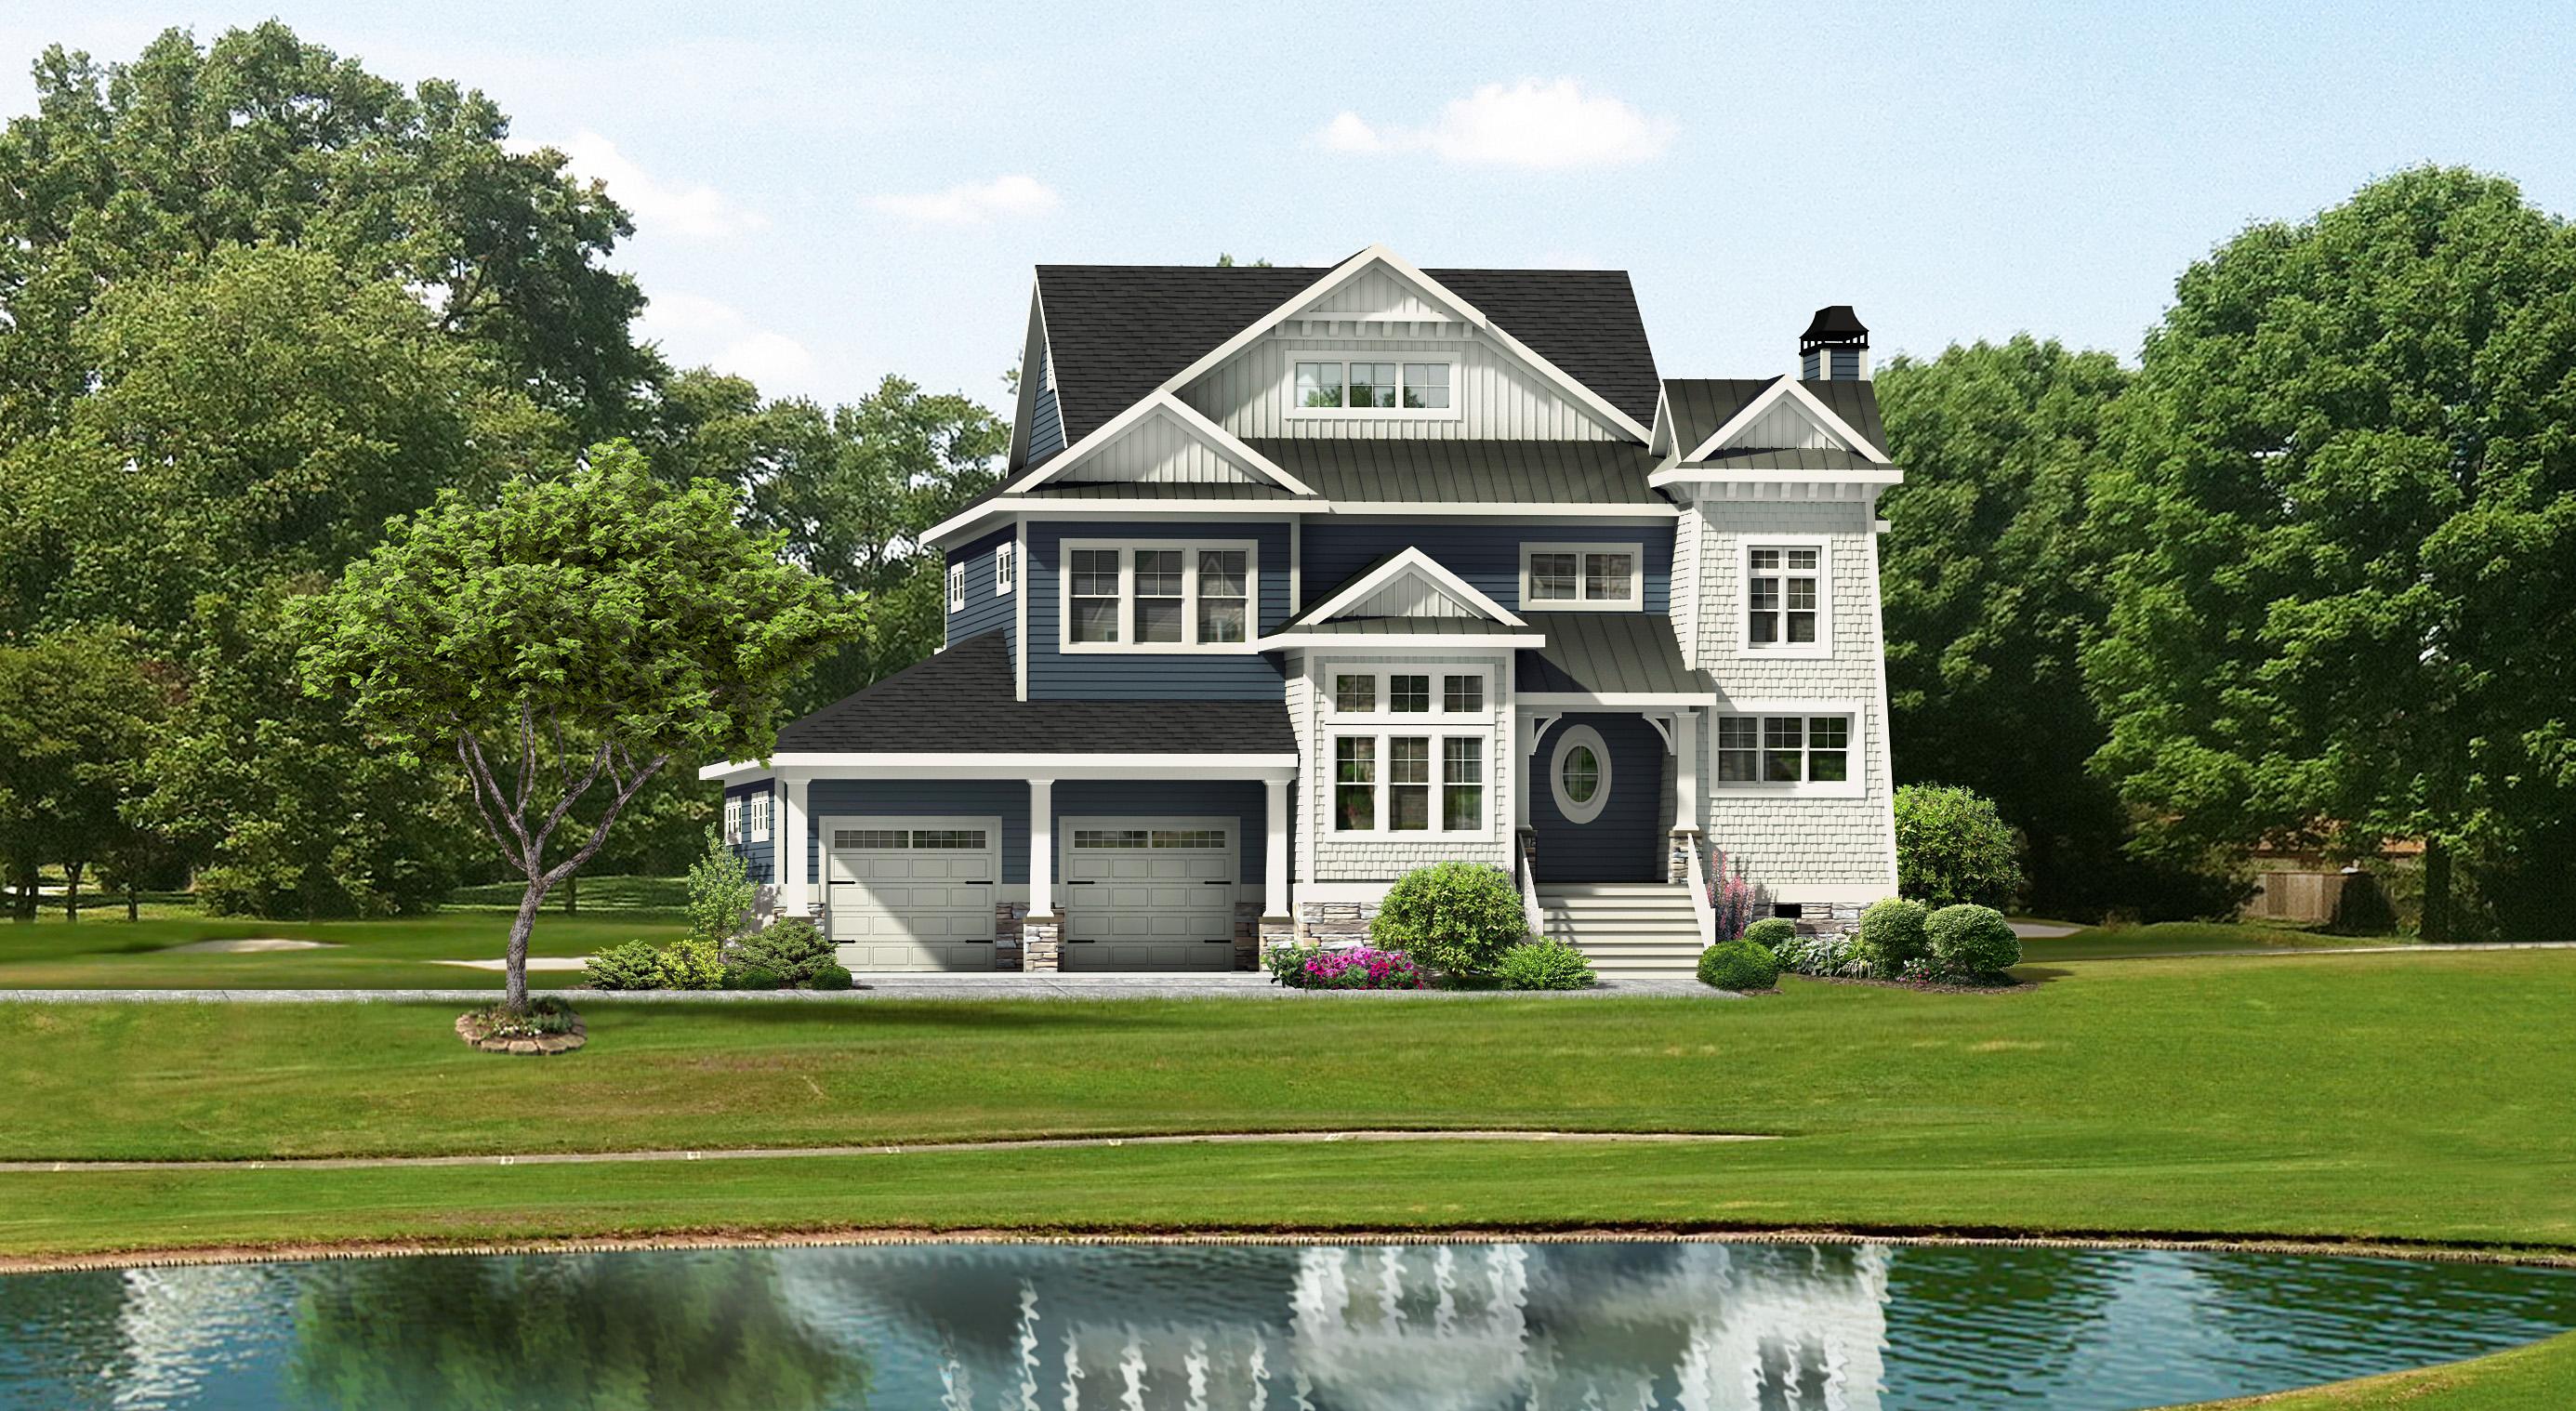 独户住宅 为 销售 在 33403 Marina Bay Cir, Millsboro, DE 19966 24474 Brookstone Path 101 米尔斯伯勒, 19966 美国